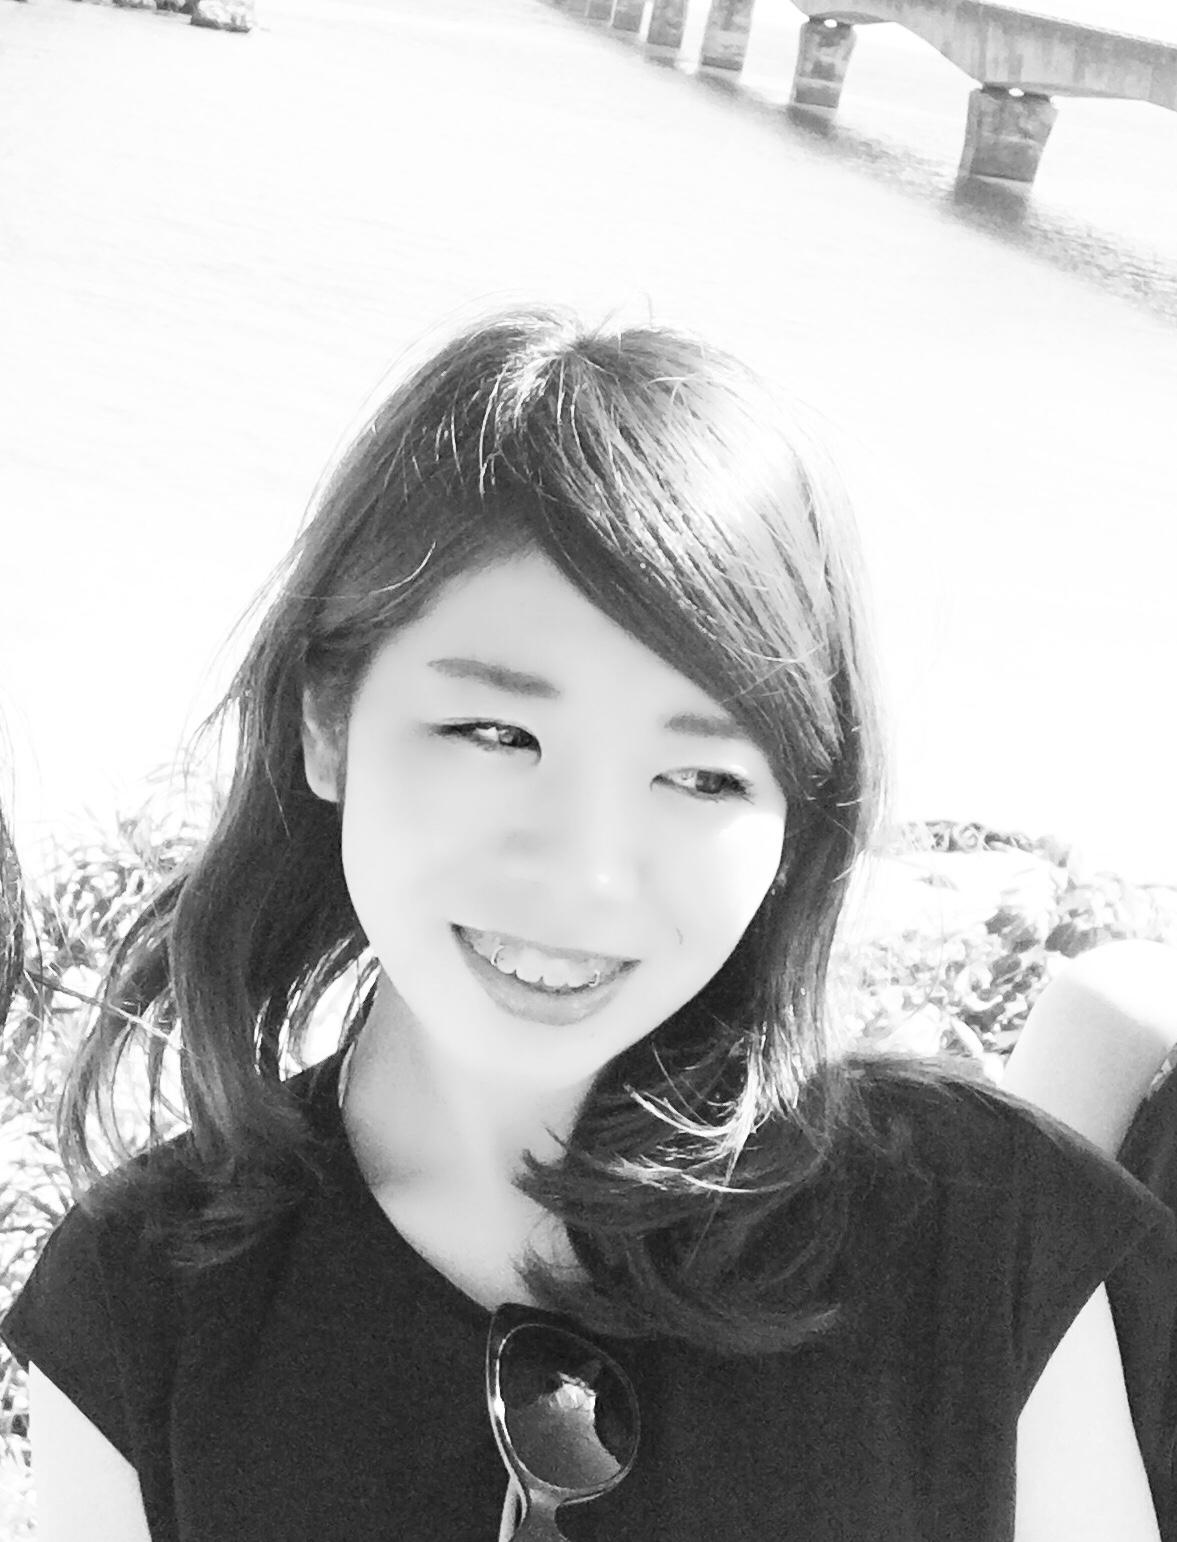 Yuzuko_Hosoya